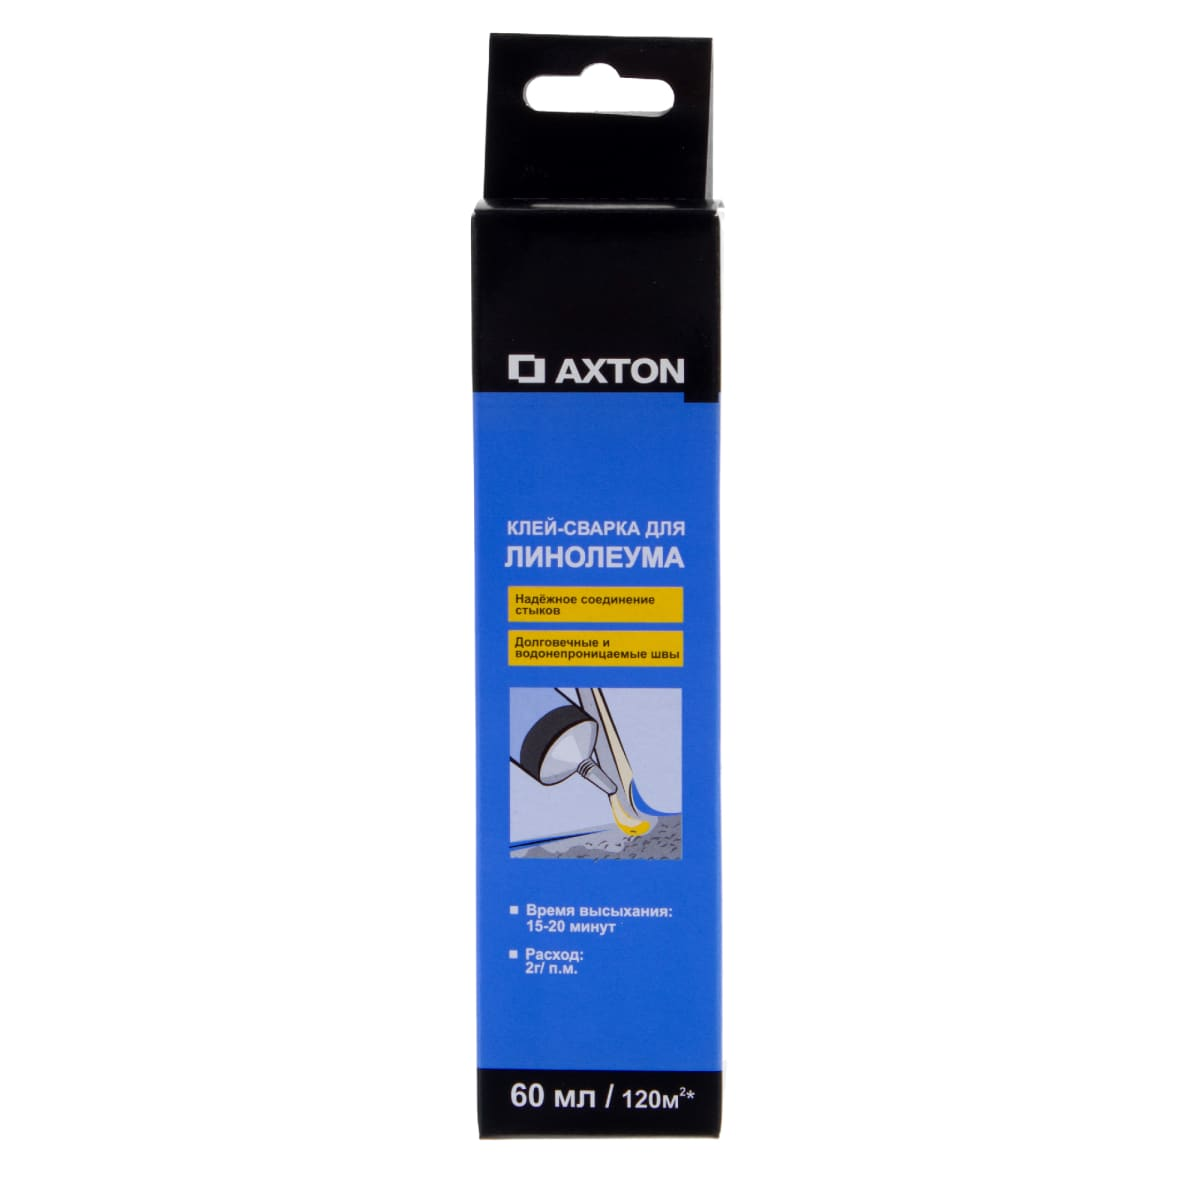 Клей-сварка Axton для линолеума 0.06 кг